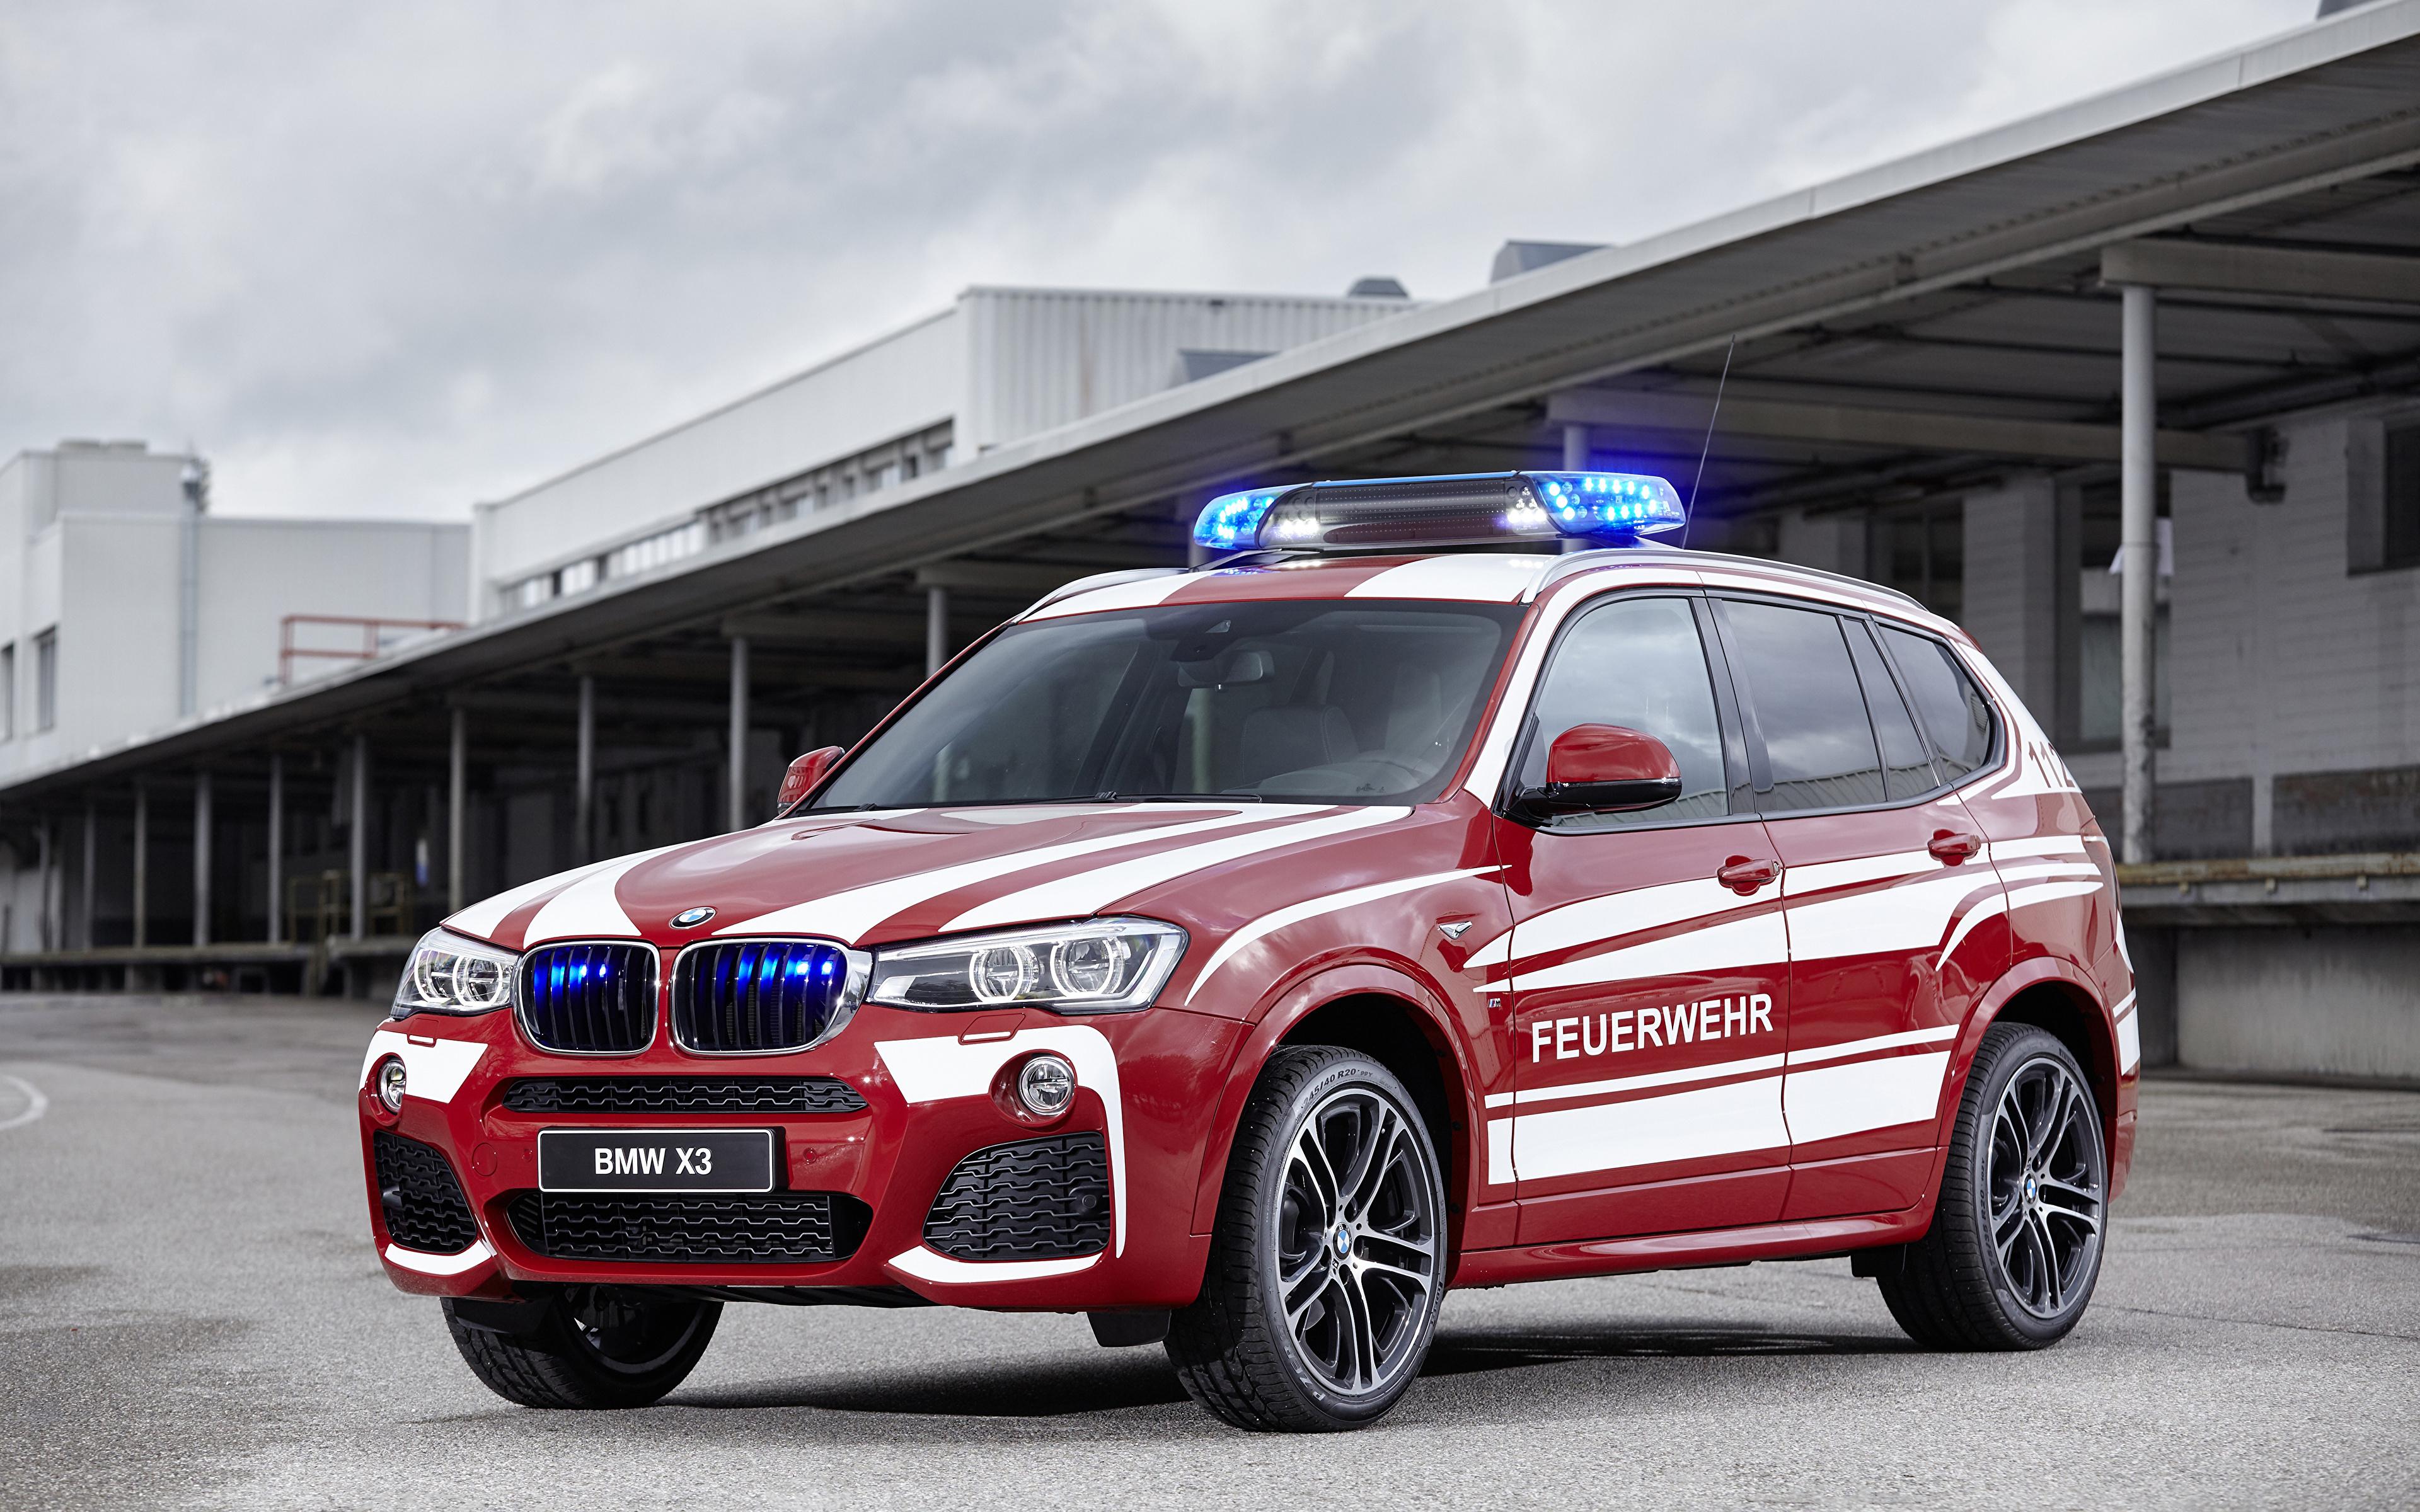 Fondos De Pantalla 3840x2400 Bmw Tuning 2016 X3 Xdrive20d M Sport Feuerwehr Rojo Metalico Coches Descargar Imagenes